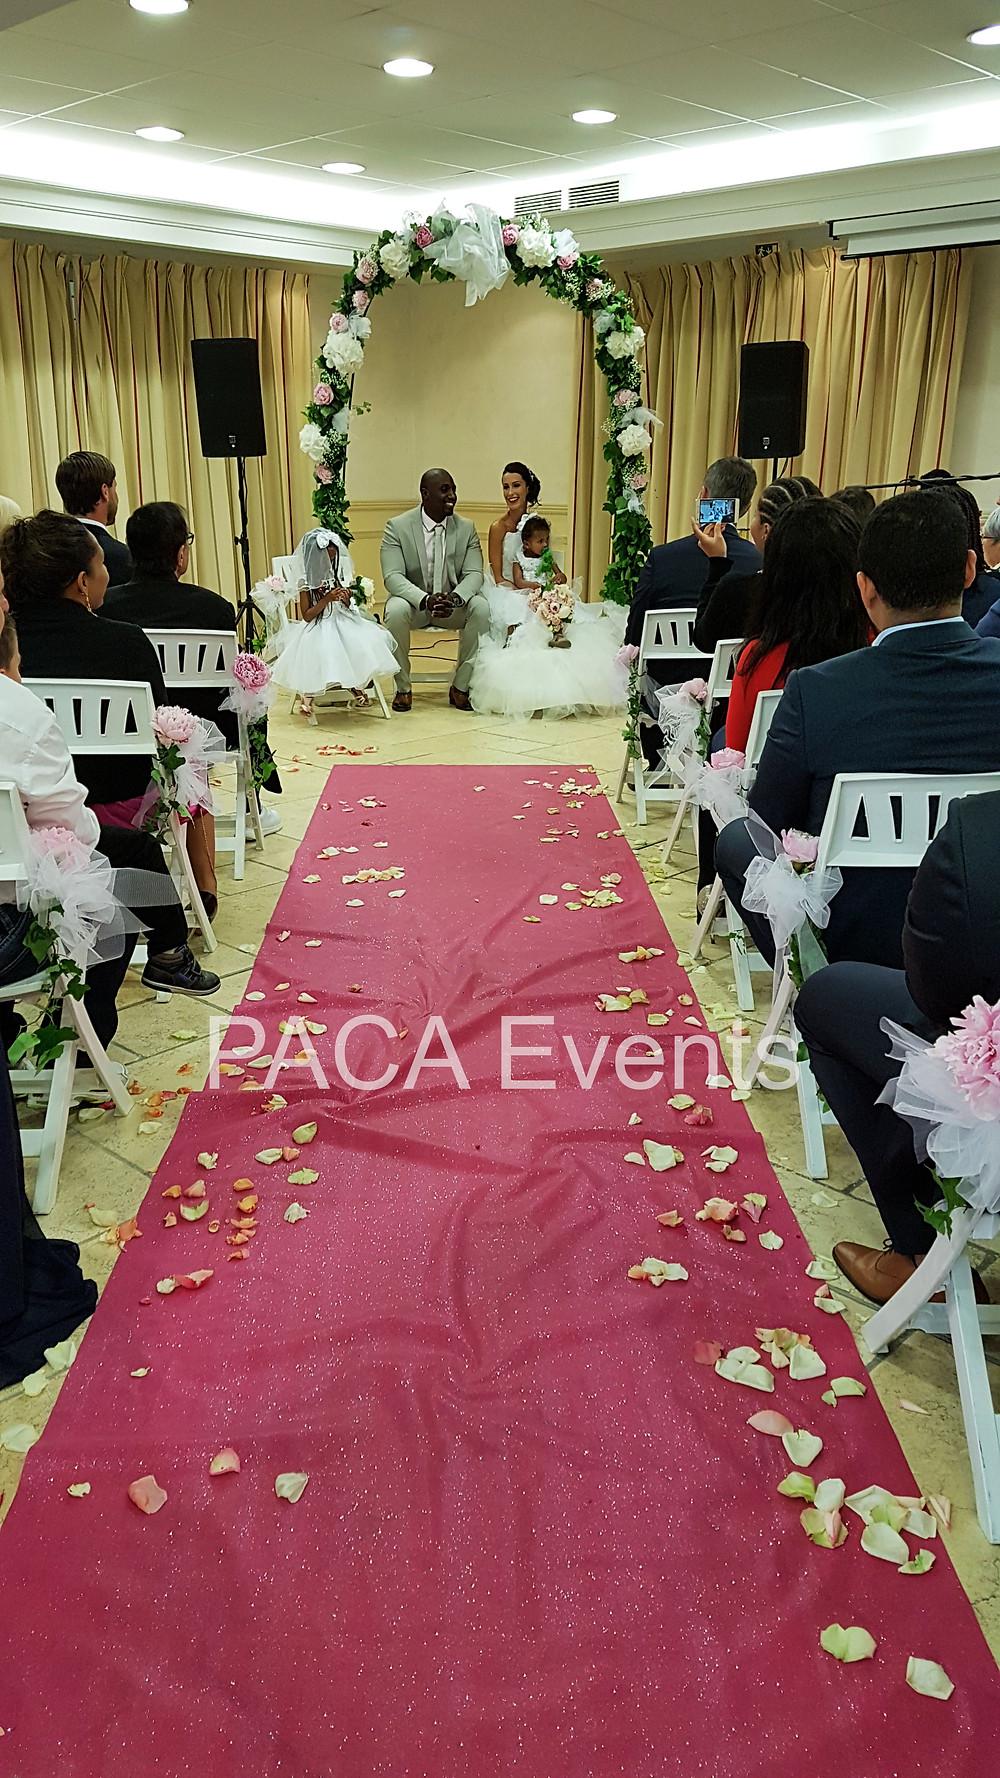 Sonorisation cérémonie laïque mariage by PACA Events Grand Hotel des Lesques